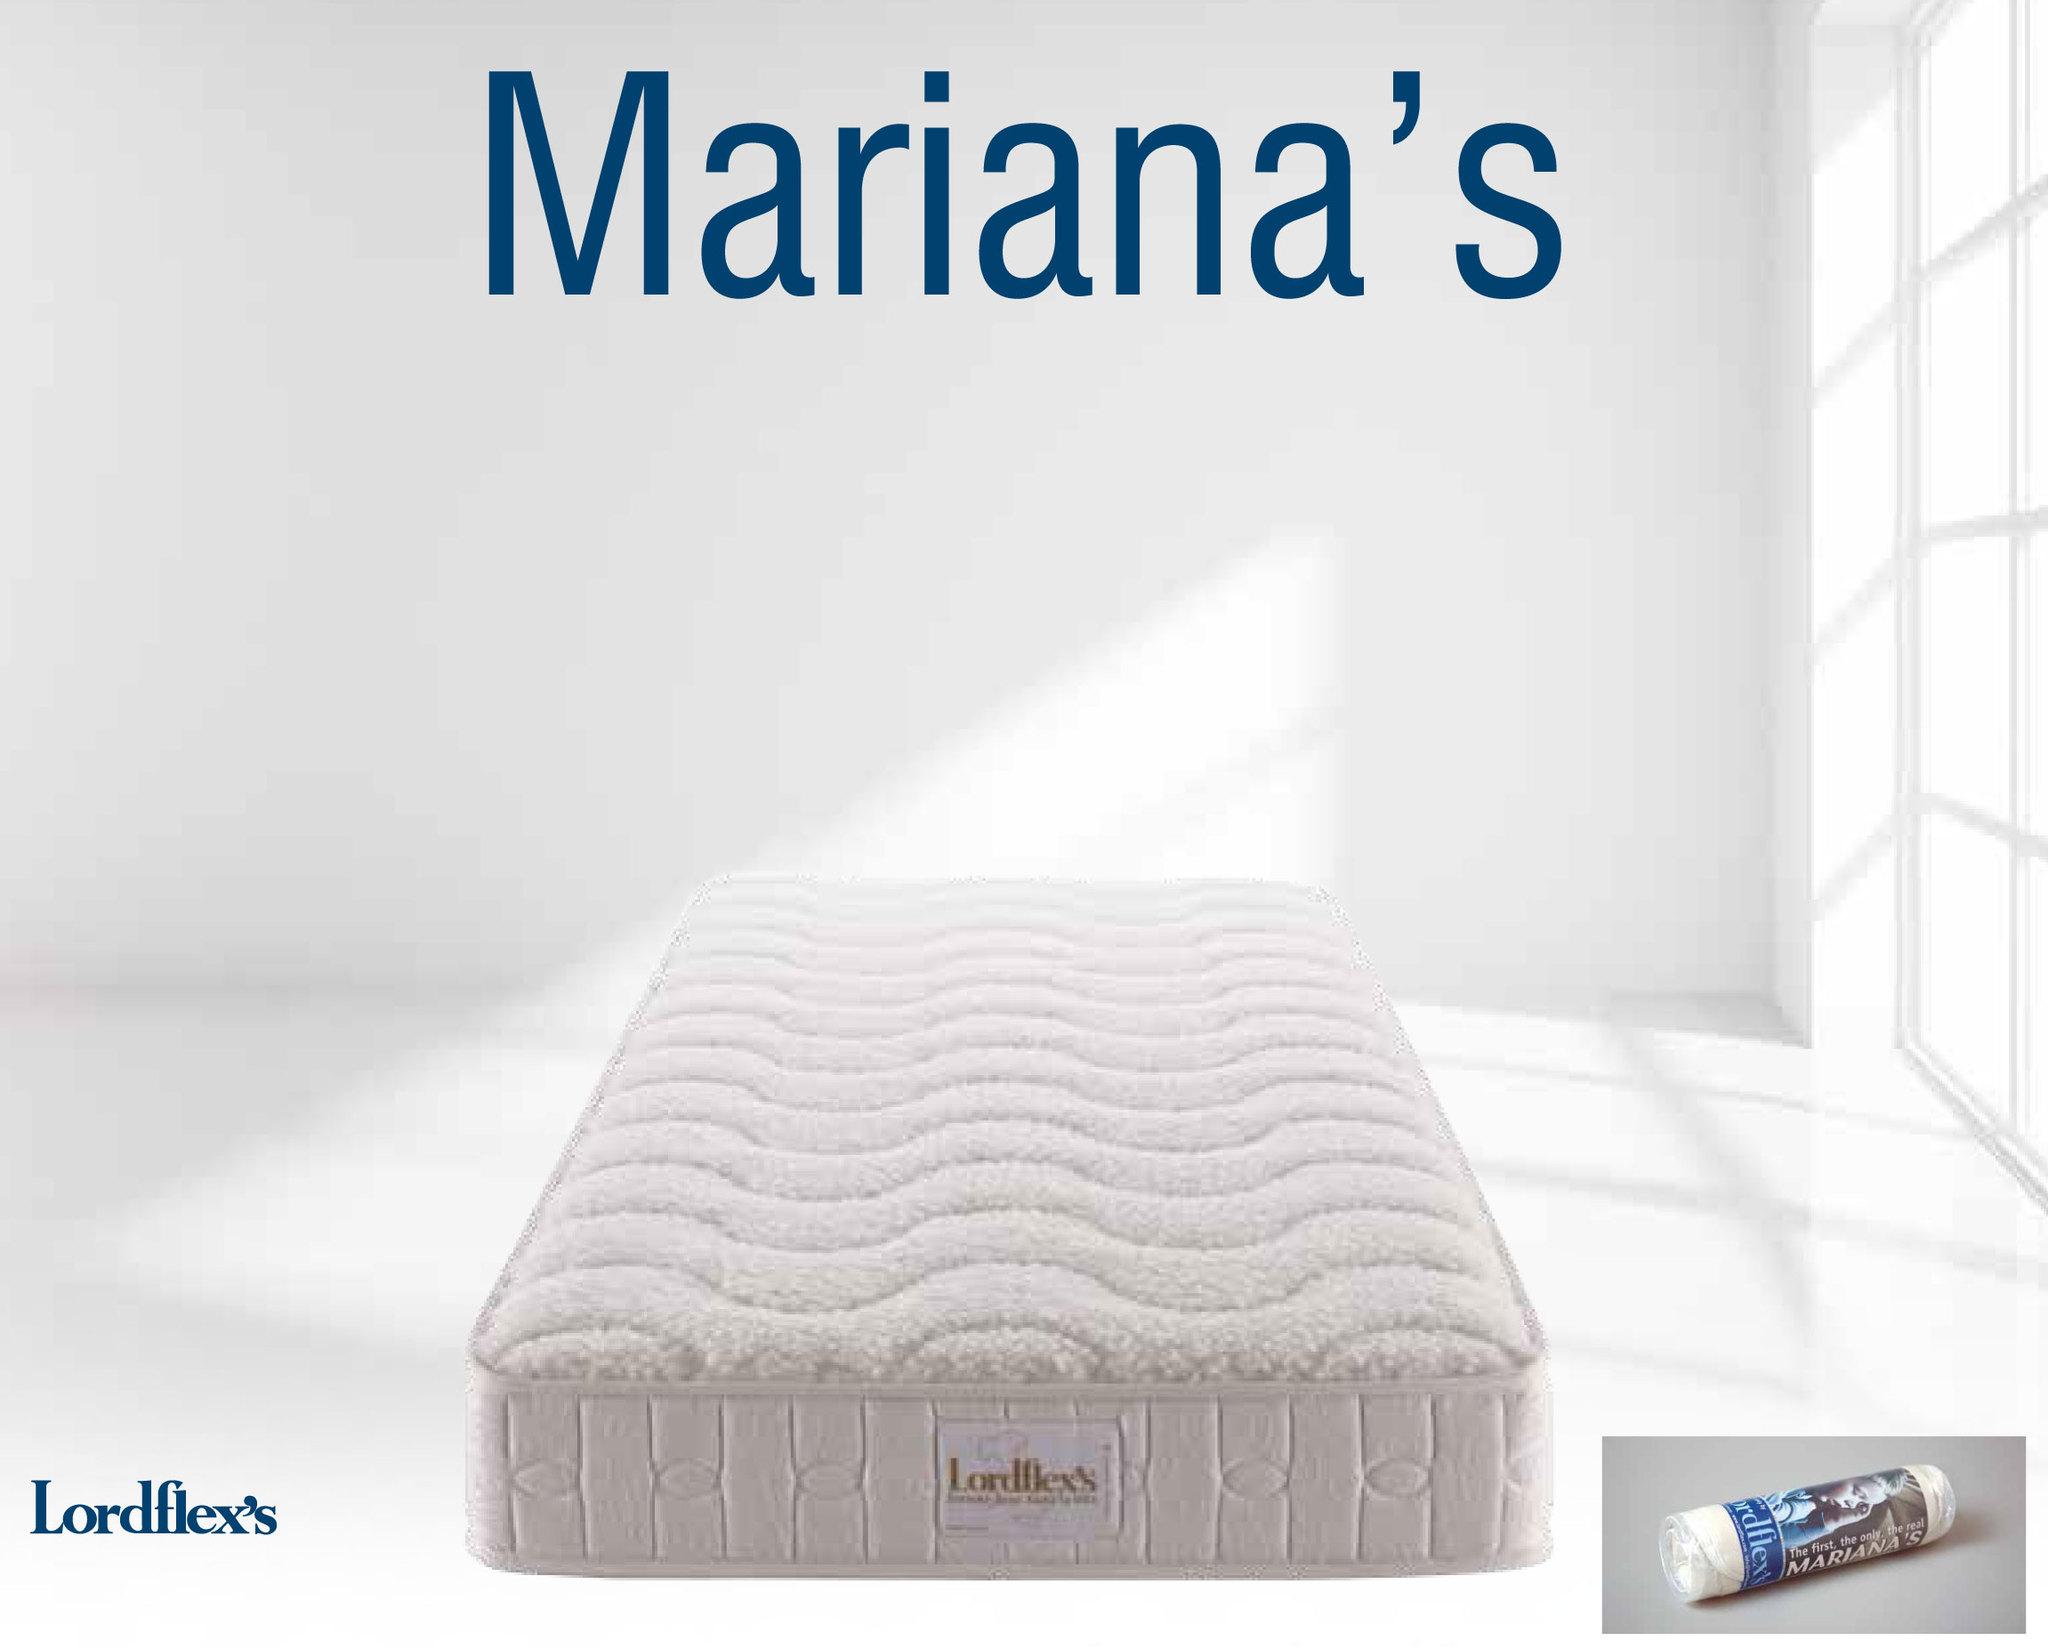 Матрасы Матрас ортопедический Lordflex's Mariana's 160х200 до 140 кг в вакуумной упаковке 1_Mariana_s.jpg